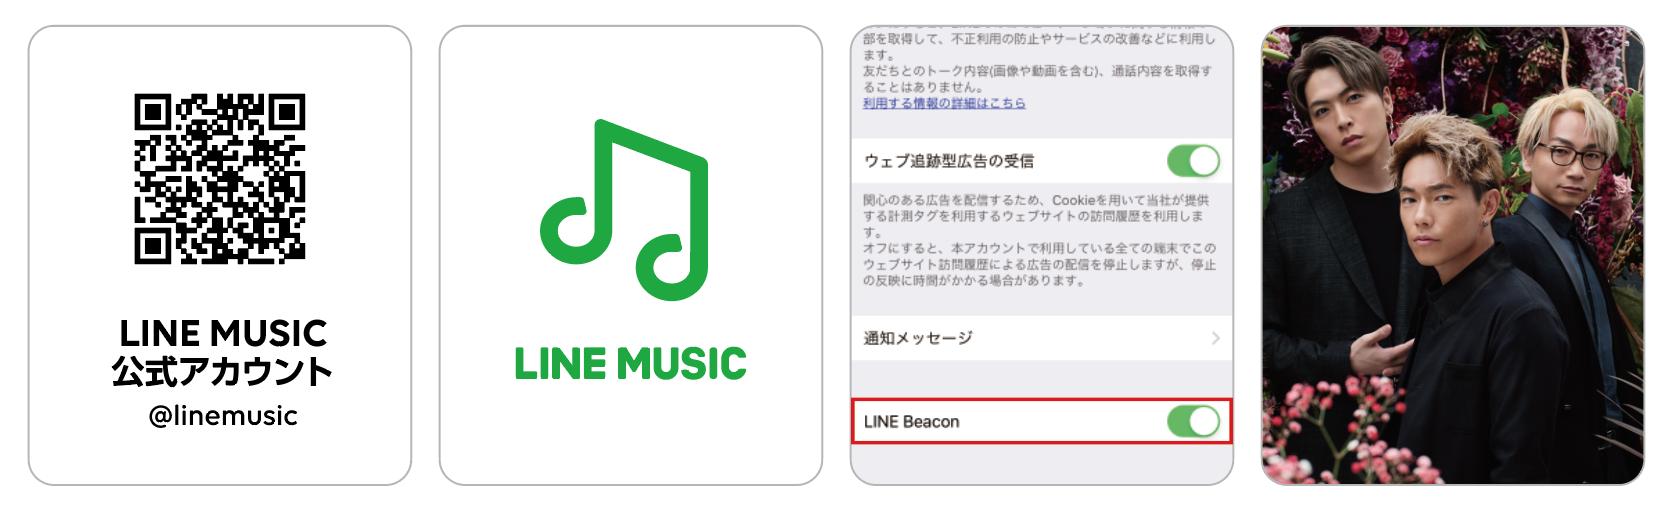 20181019_fukuokamarathon_music_blog02